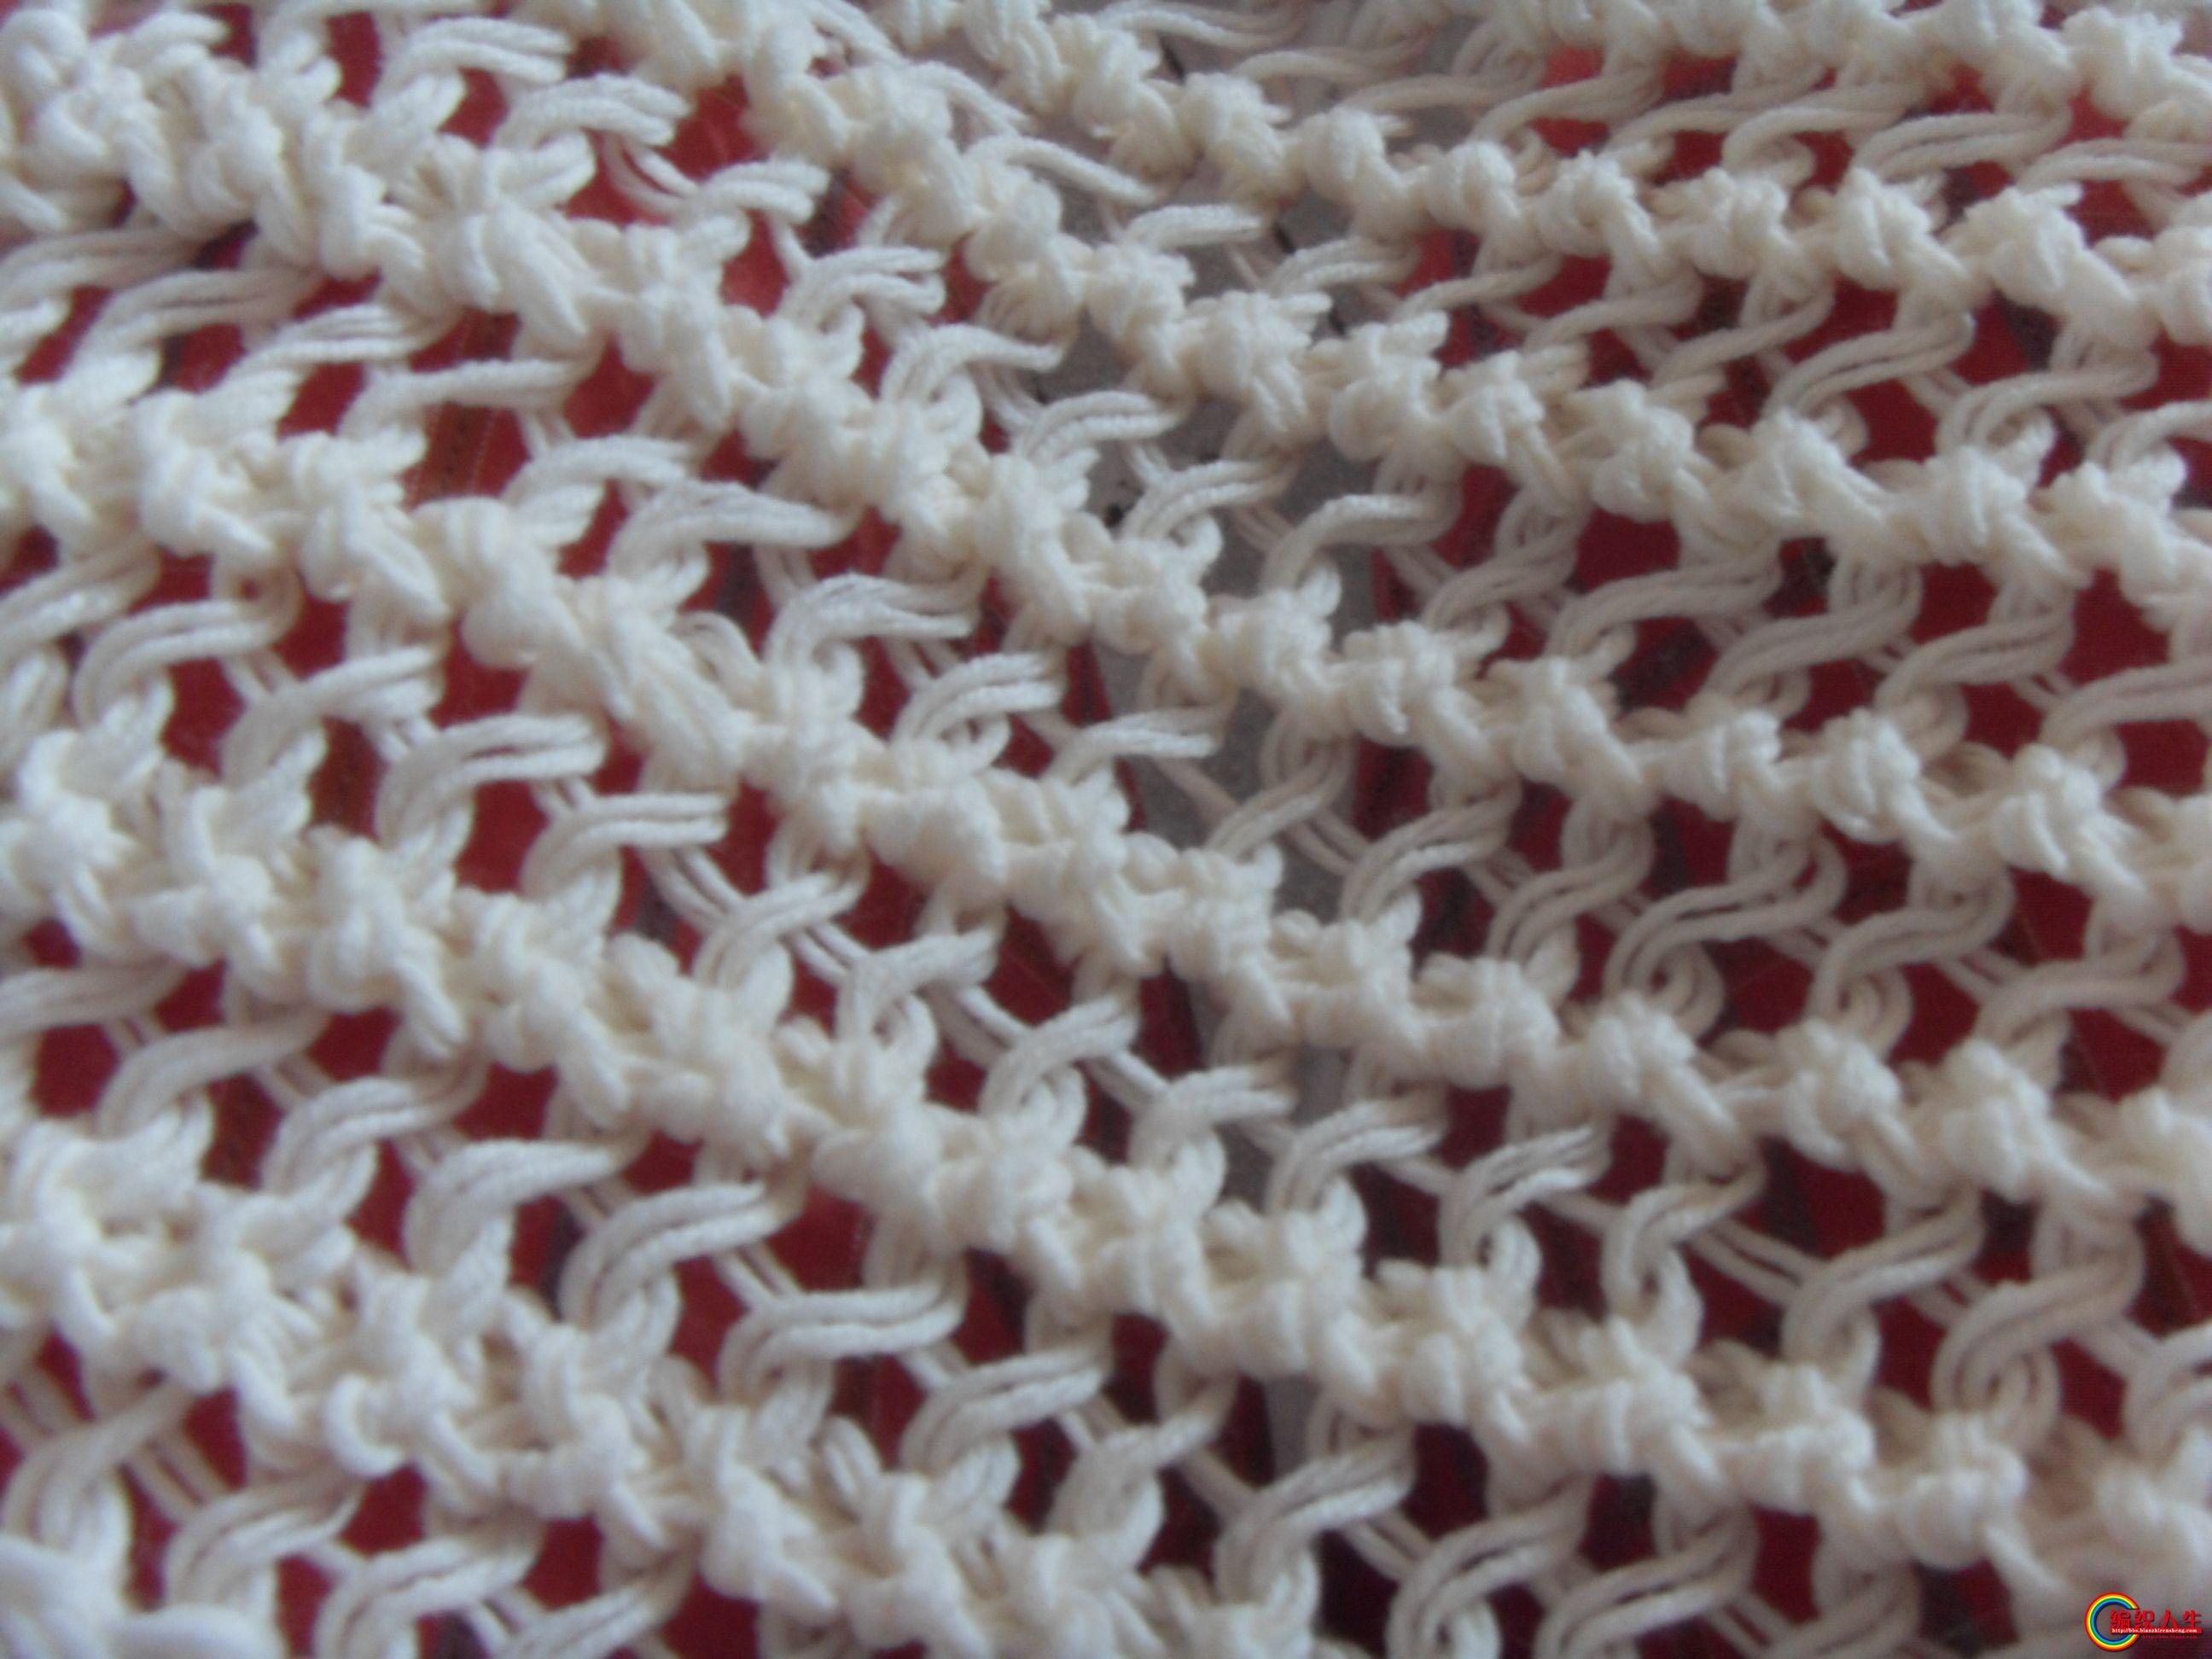 鱼骨针围巾和大南瓜靠垫